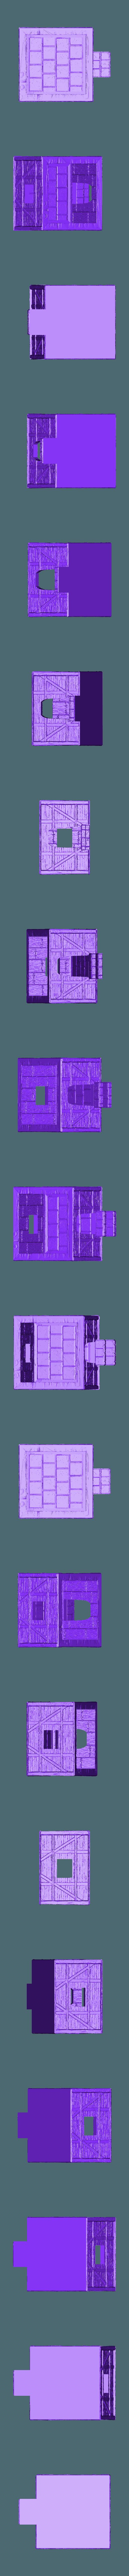 tiny house open.stl Télécharger fichier STL Tiny house • Plan pour impression 3D, Motek3D